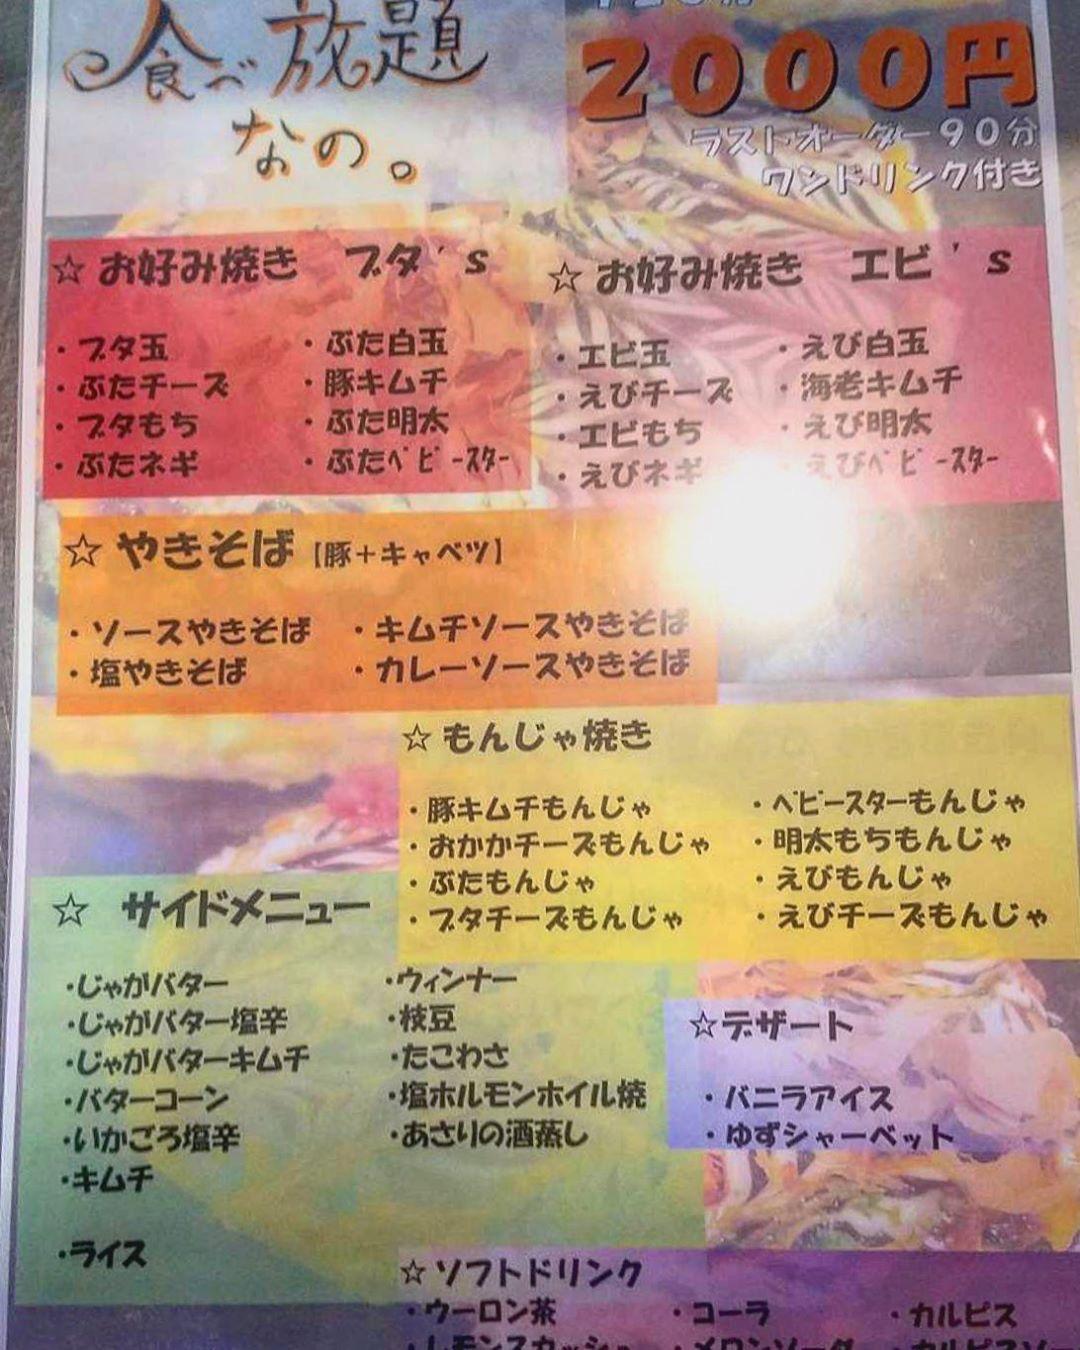 サイドもたっぷり!食べ放題 2,000円コース